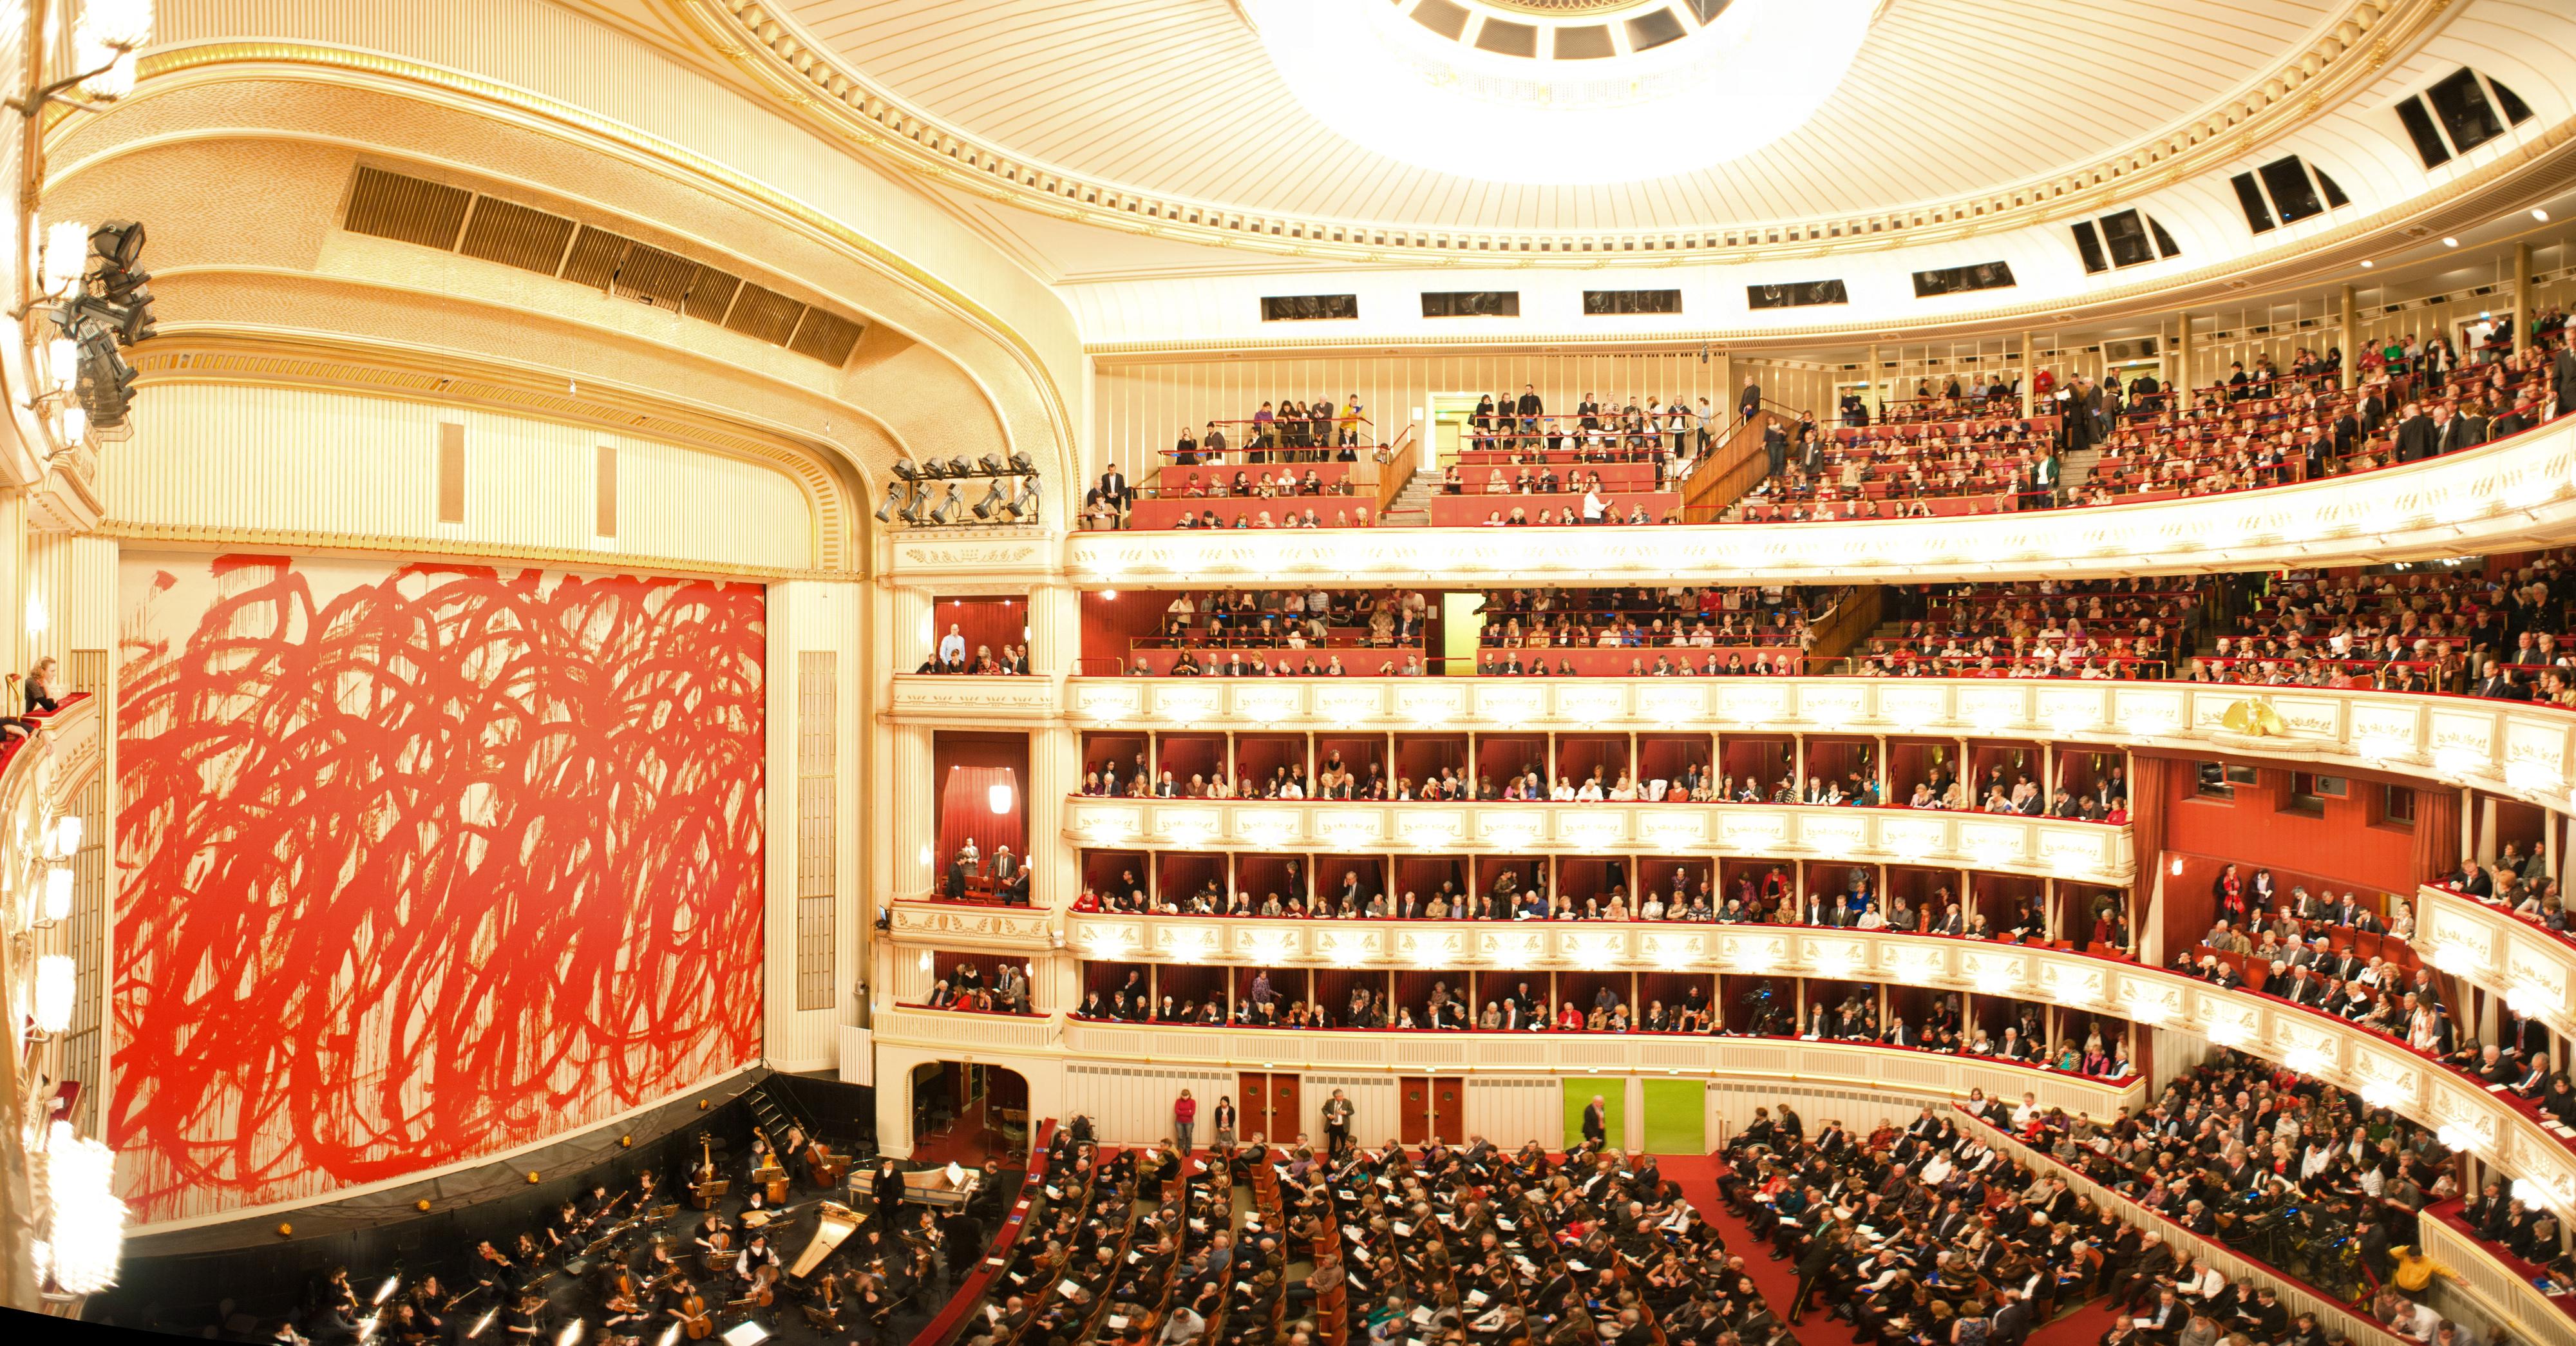 The_Vienna_State_Opera_(Wiener_Staatsoper)_interior._Vienna,_Austria,_Western_Europe